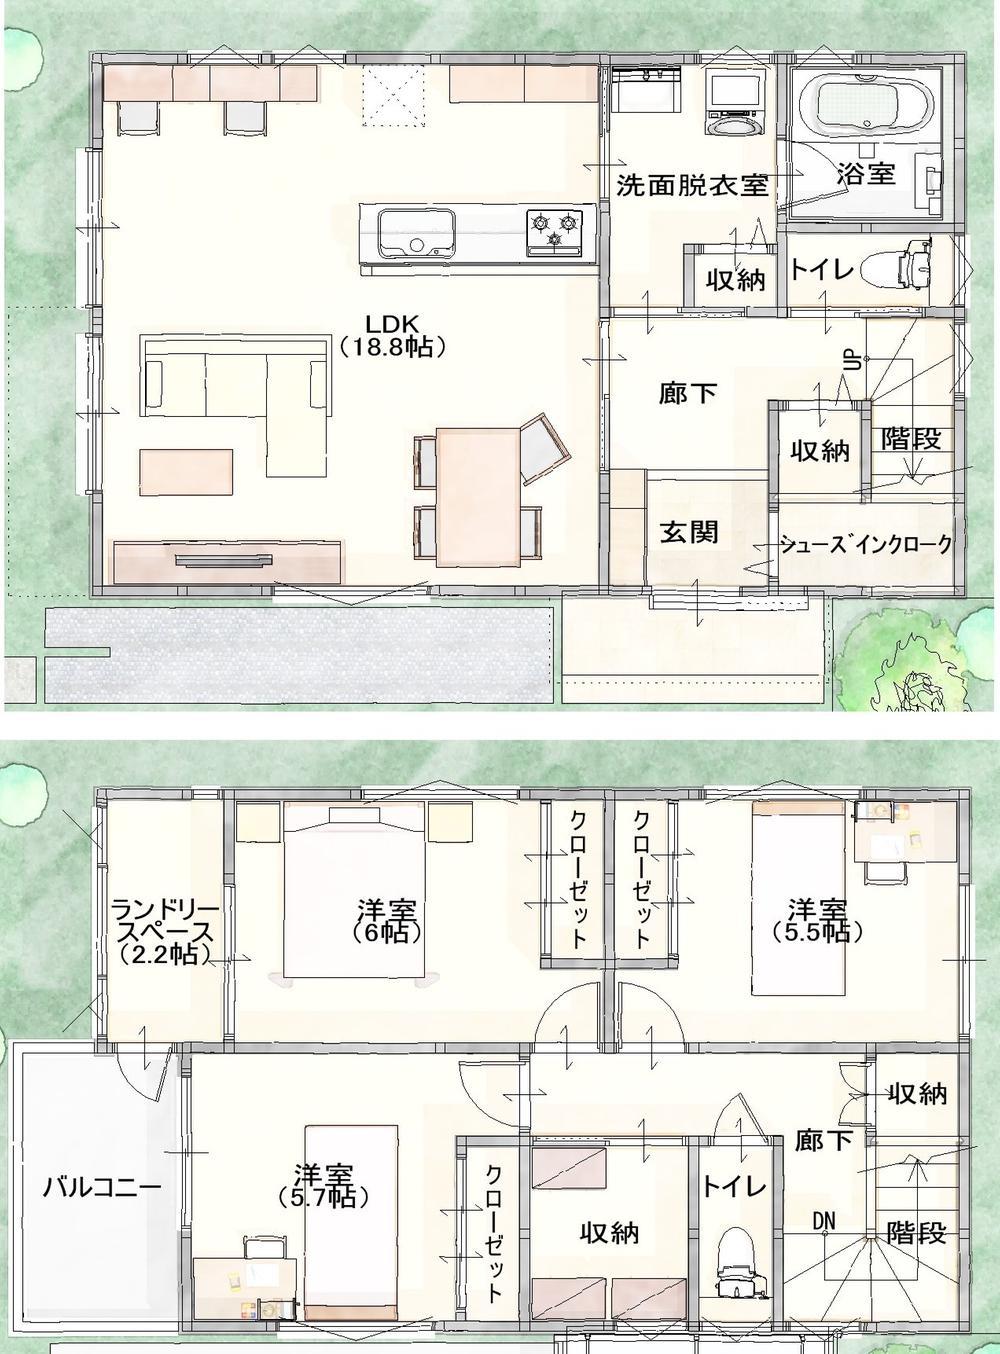 【売主物件】◆パナソニック耐震住宅限定モデルハウス建築中!◆年度内入居可能!